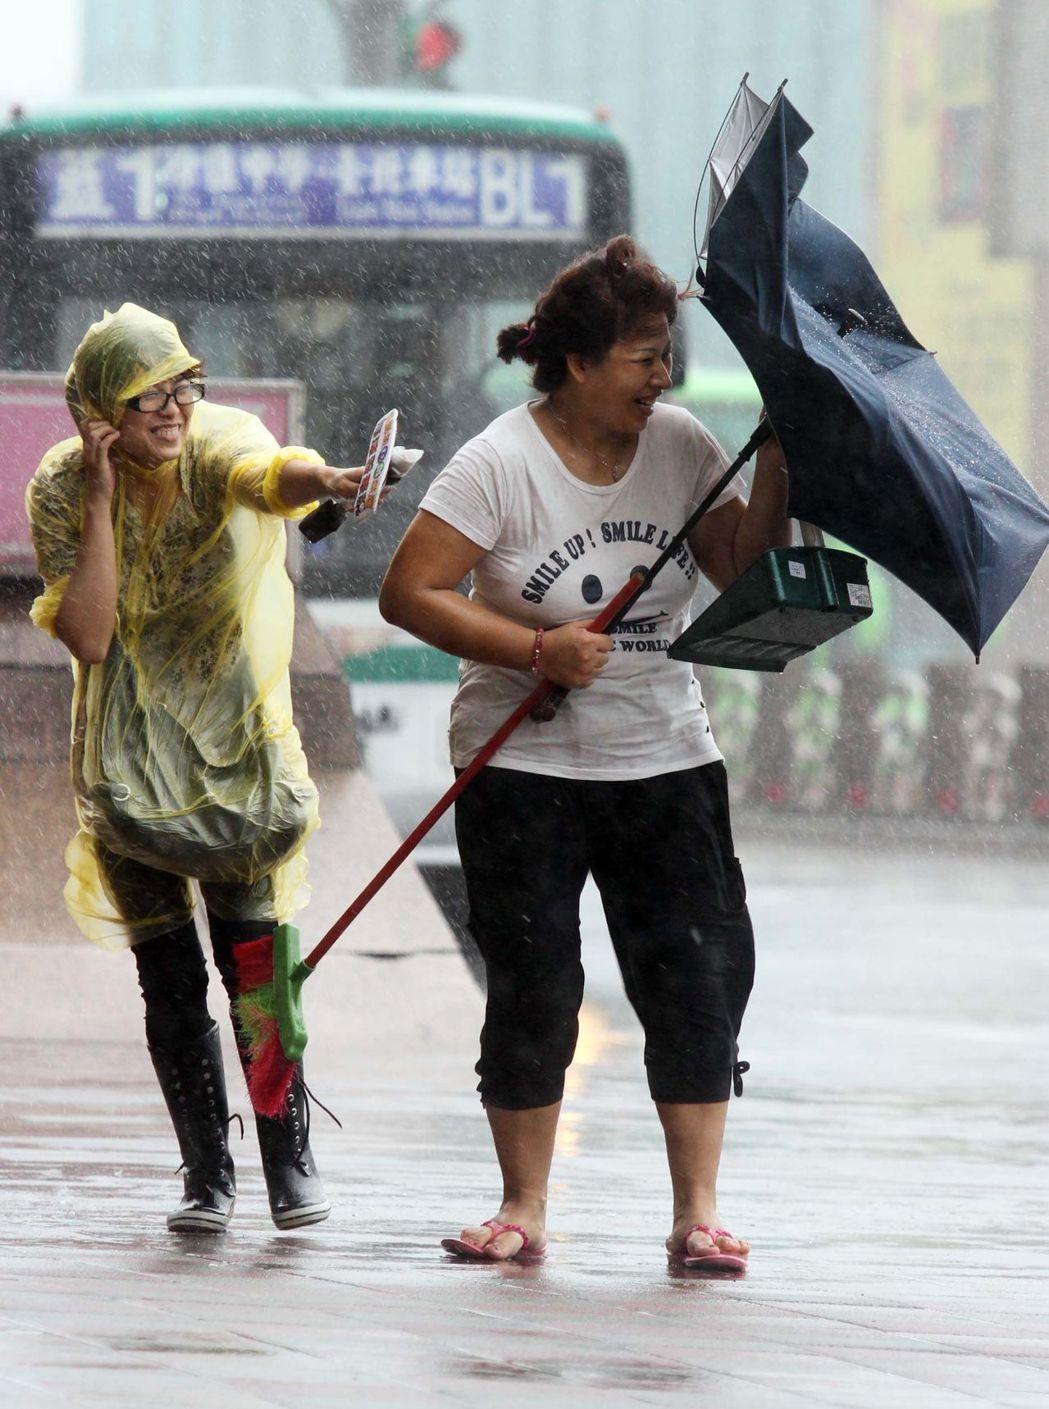 颱風天記者為了傳遞最新訊息給社會大眾,不畏風雨站上第一線。 報系資料照片